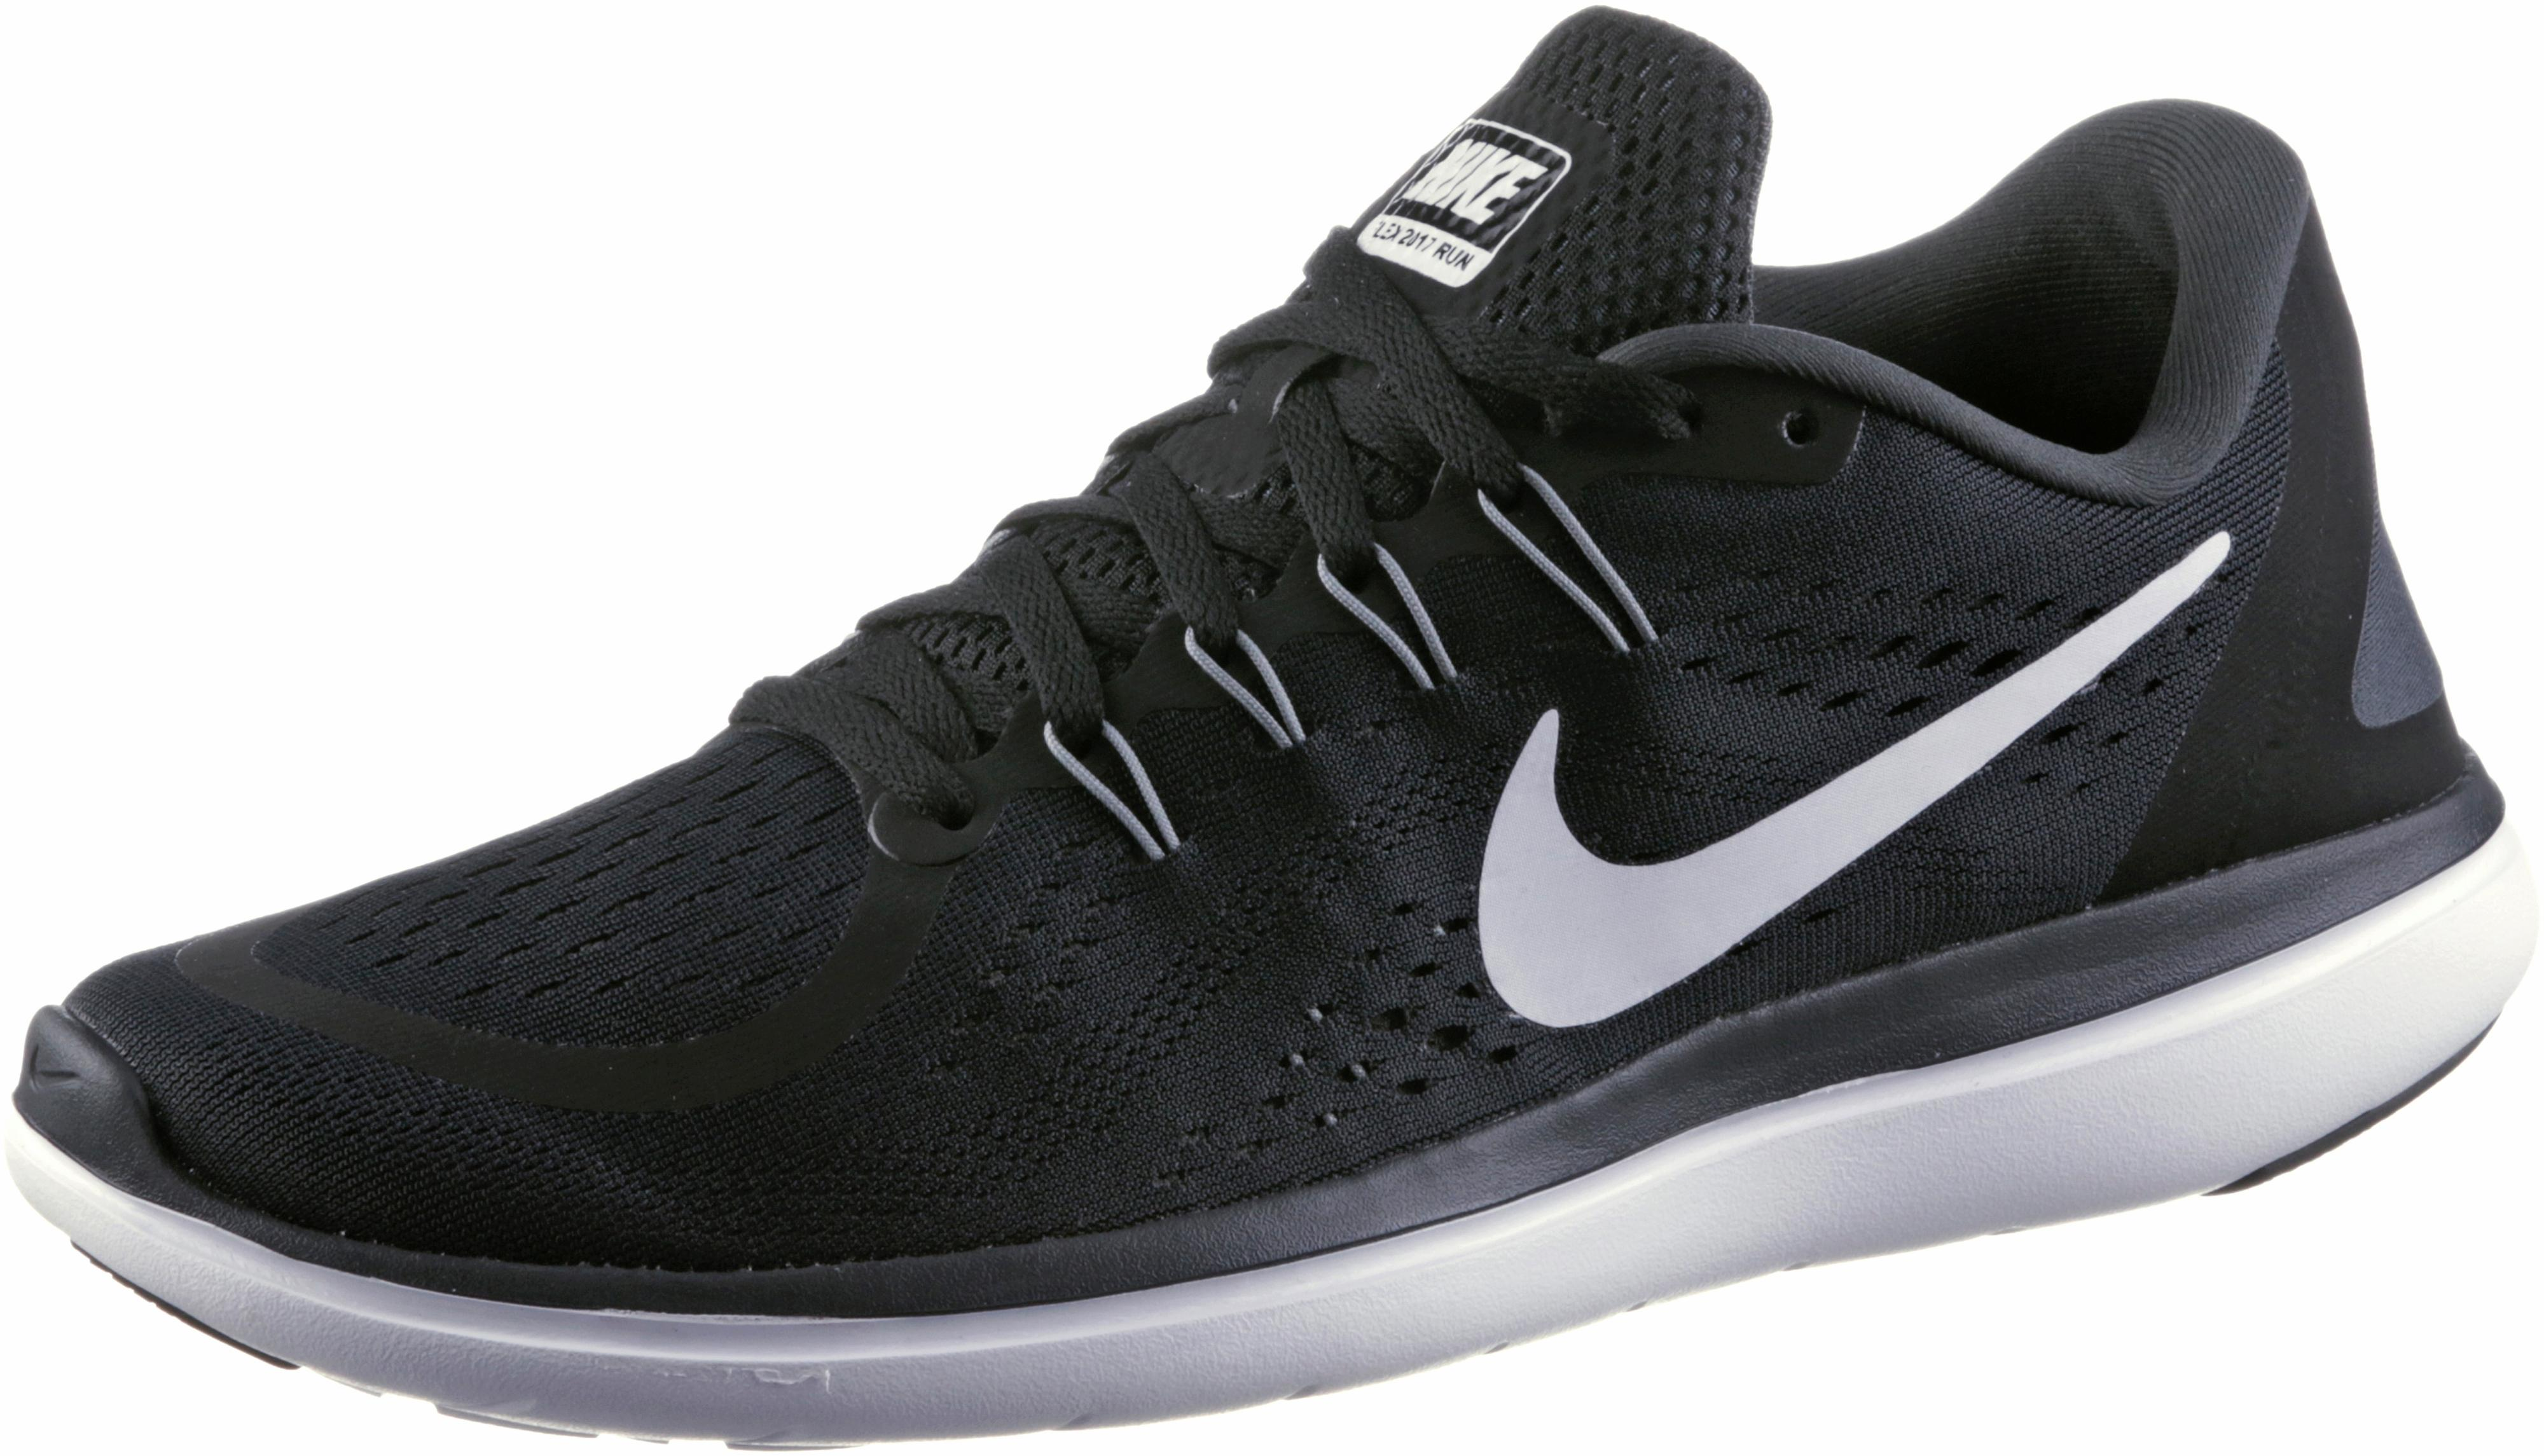 Nike Laufschuhe Flex 2017 RN black-white-anthracite-cool grey (898457-001) 45 schwarz isTSRqUF